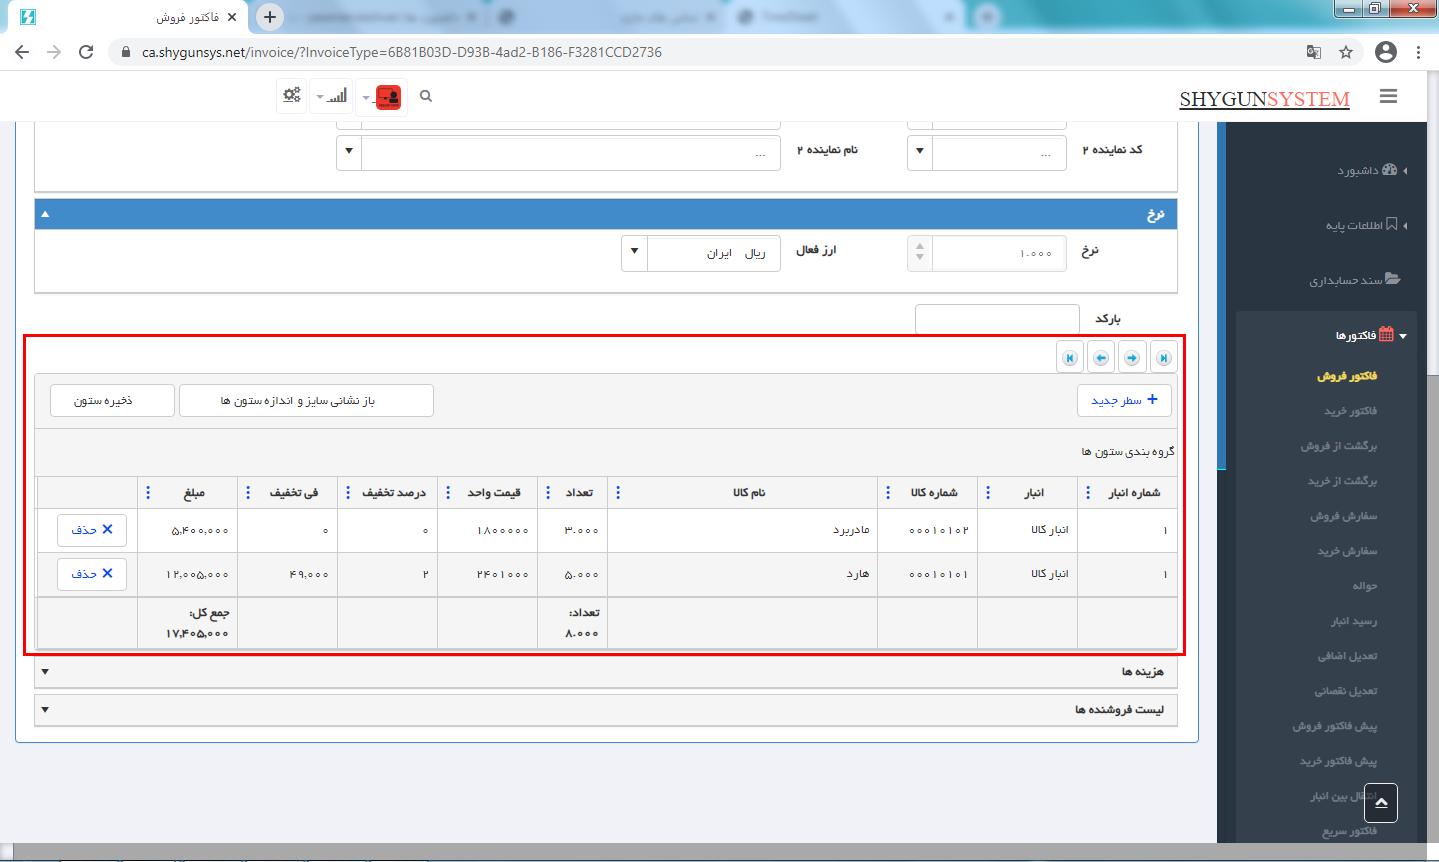 ثبت اطلاعات کالاهای مربوط به فاکتور در حسابگر تحت وب